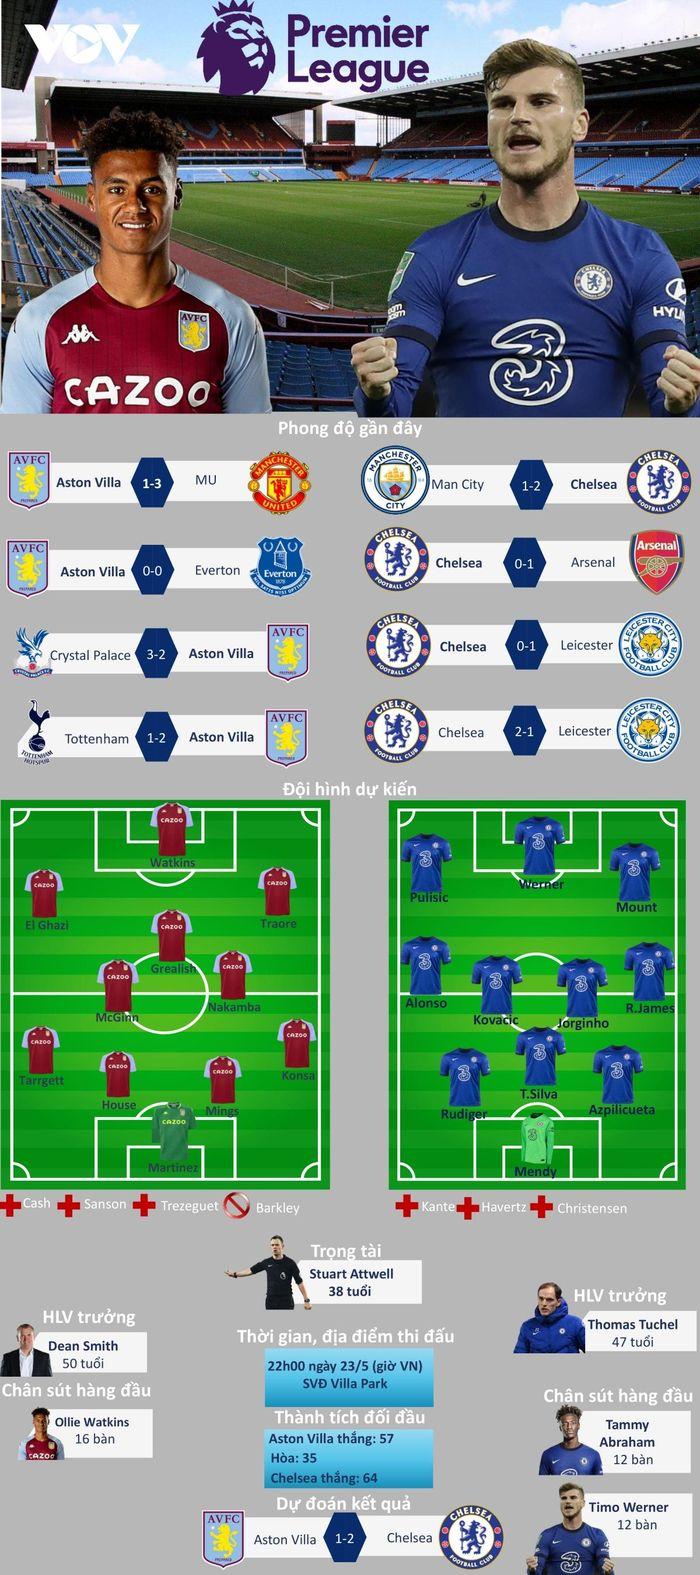 Dự đoán kết quả, đội hình xuất phát trận Aston Villa vs Chelsea